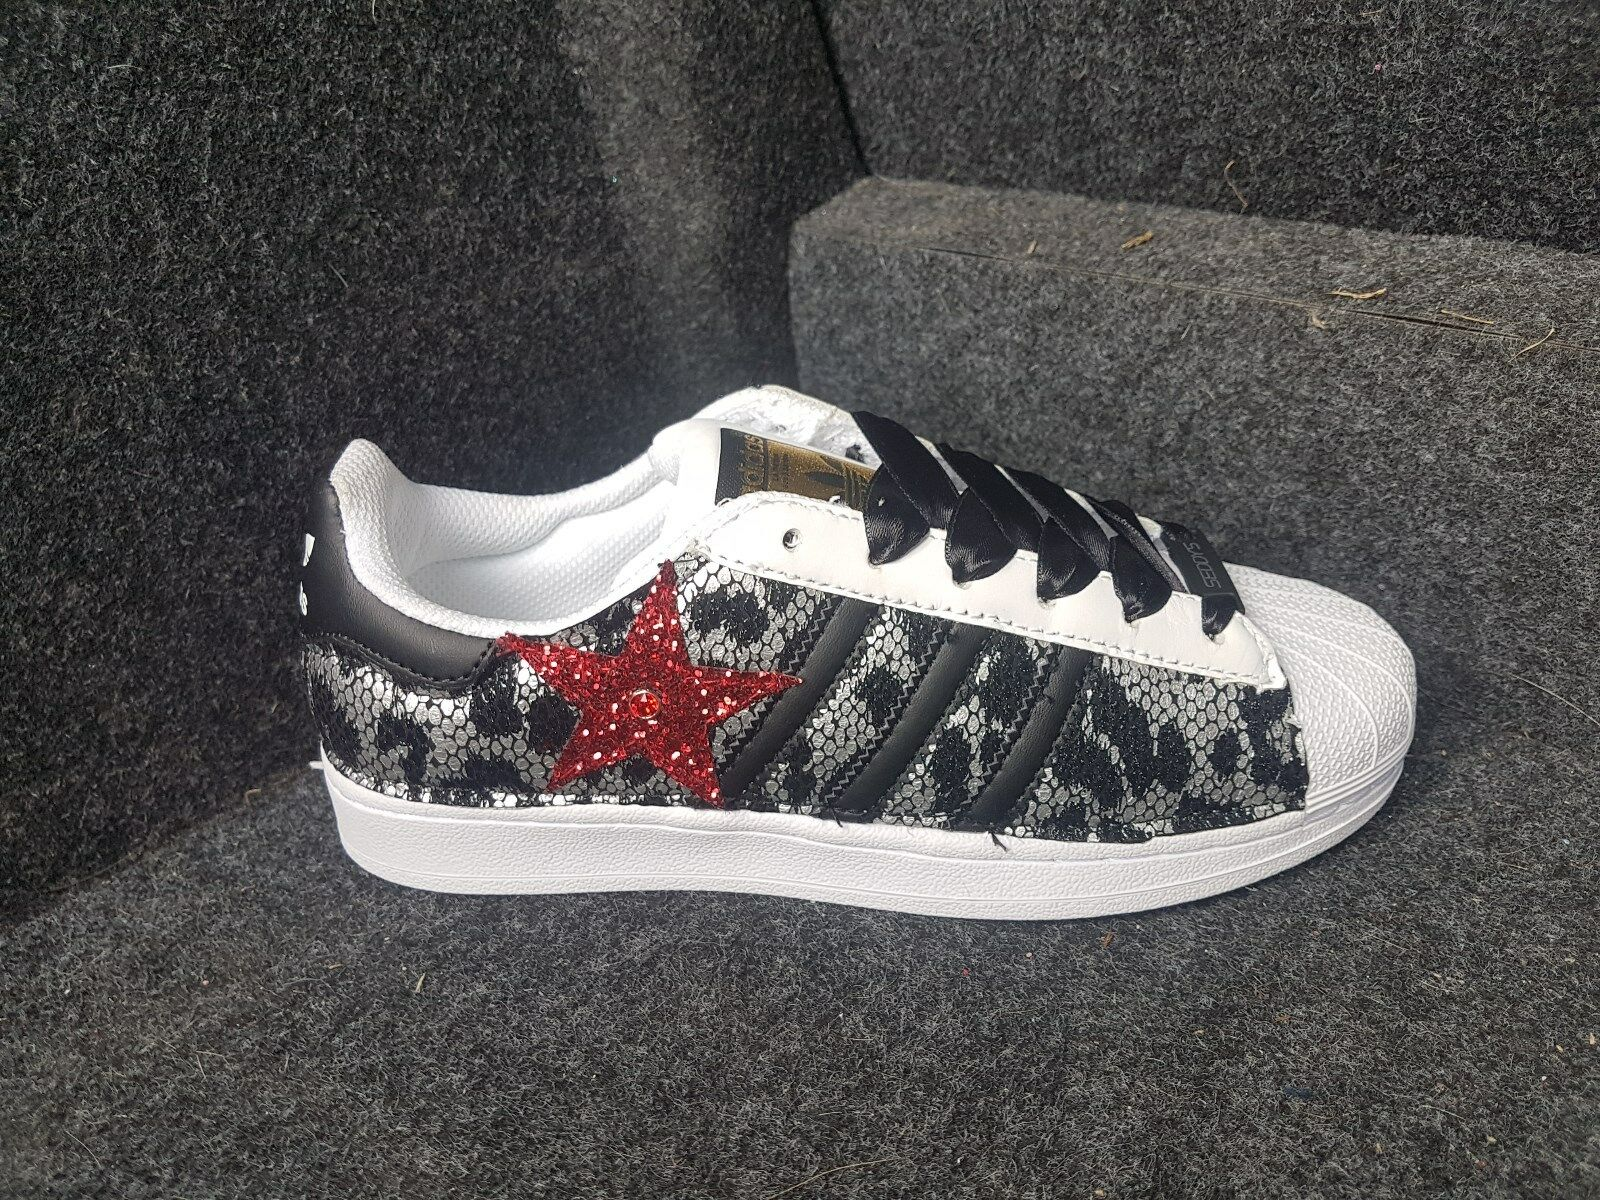 scarpe adidas superstar con tessuto luccicante e un stella glitter